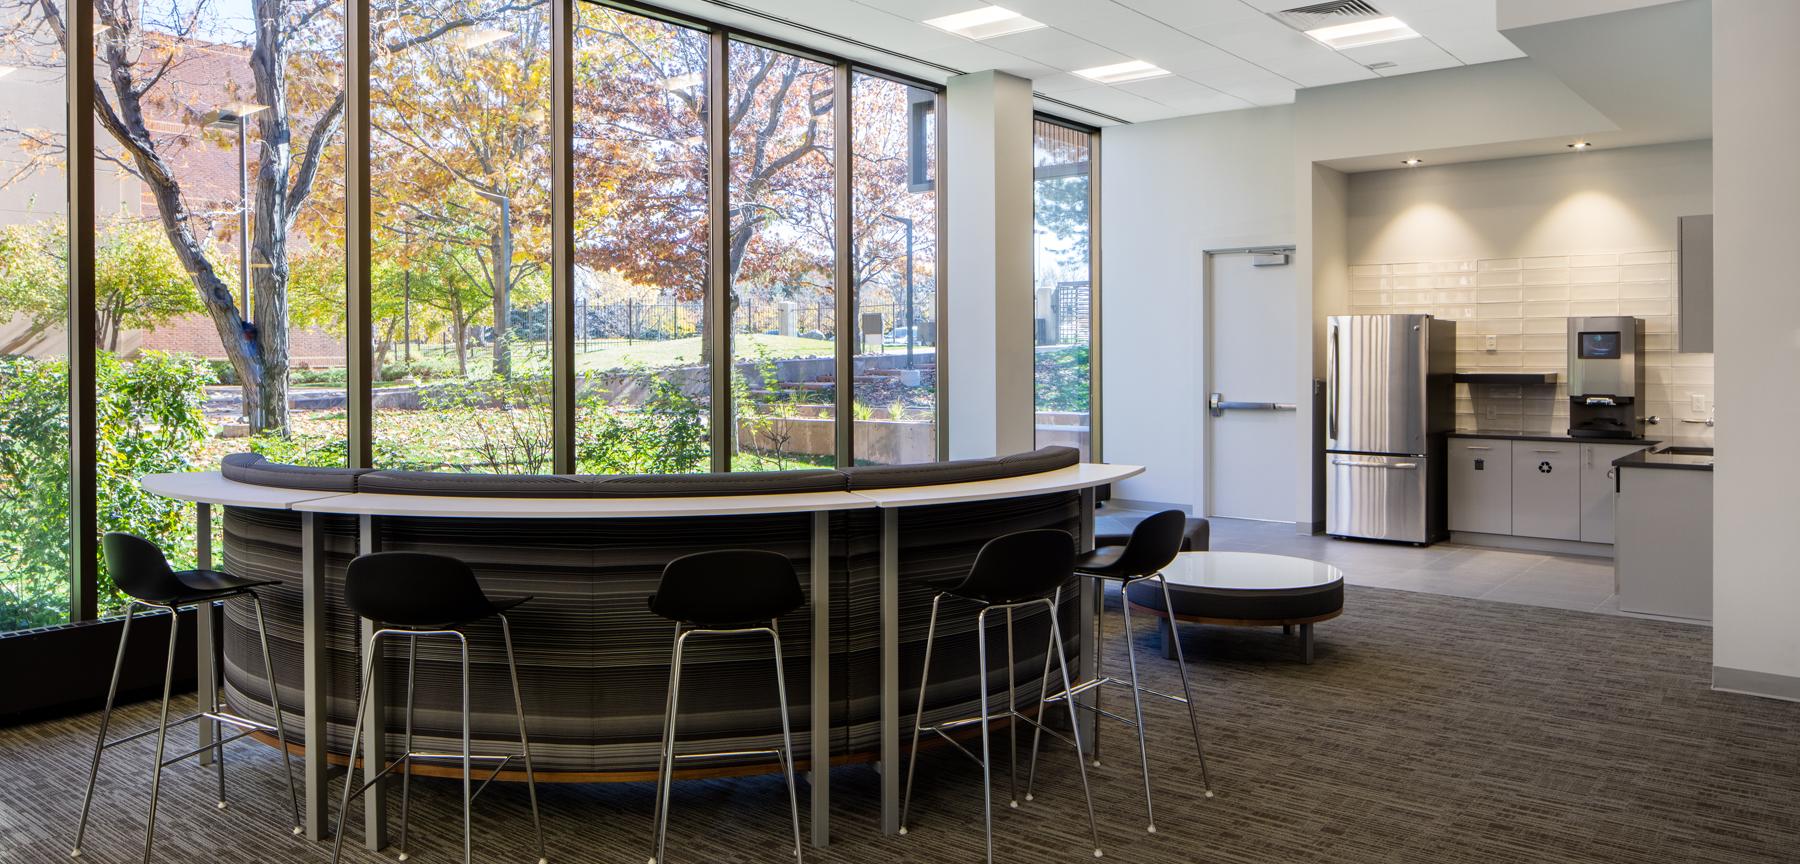 H5 Data Centers break room